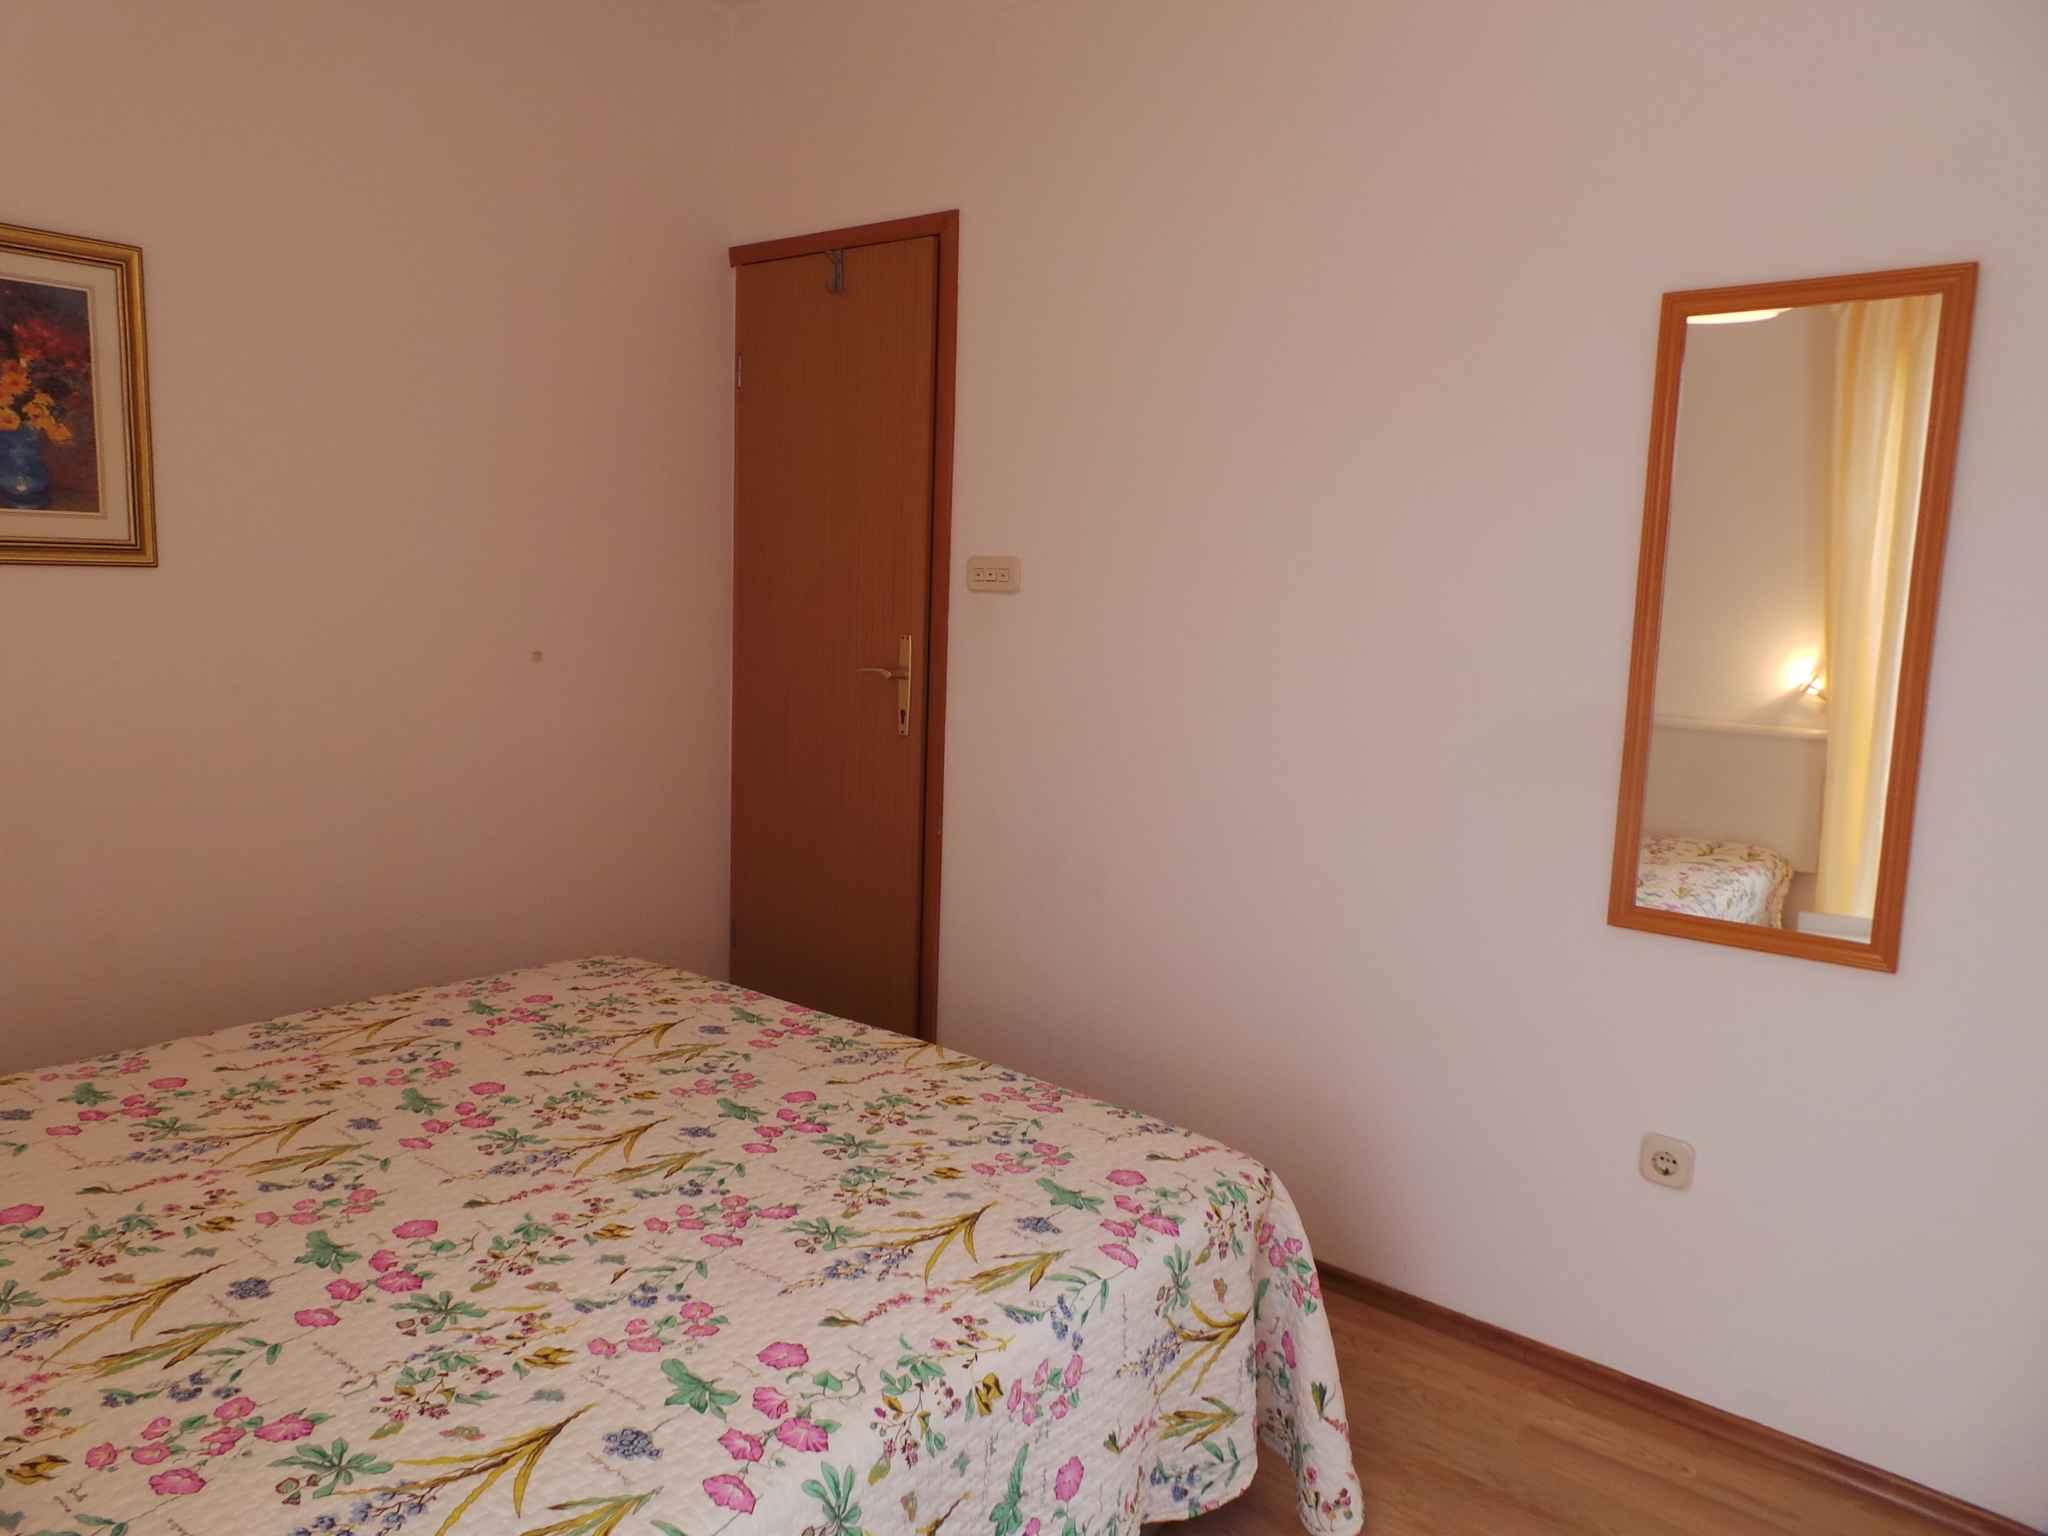 Ferienwohnung mit 2 Balkons (280344), Porec, , Istrien, Kroatien, Bild 10